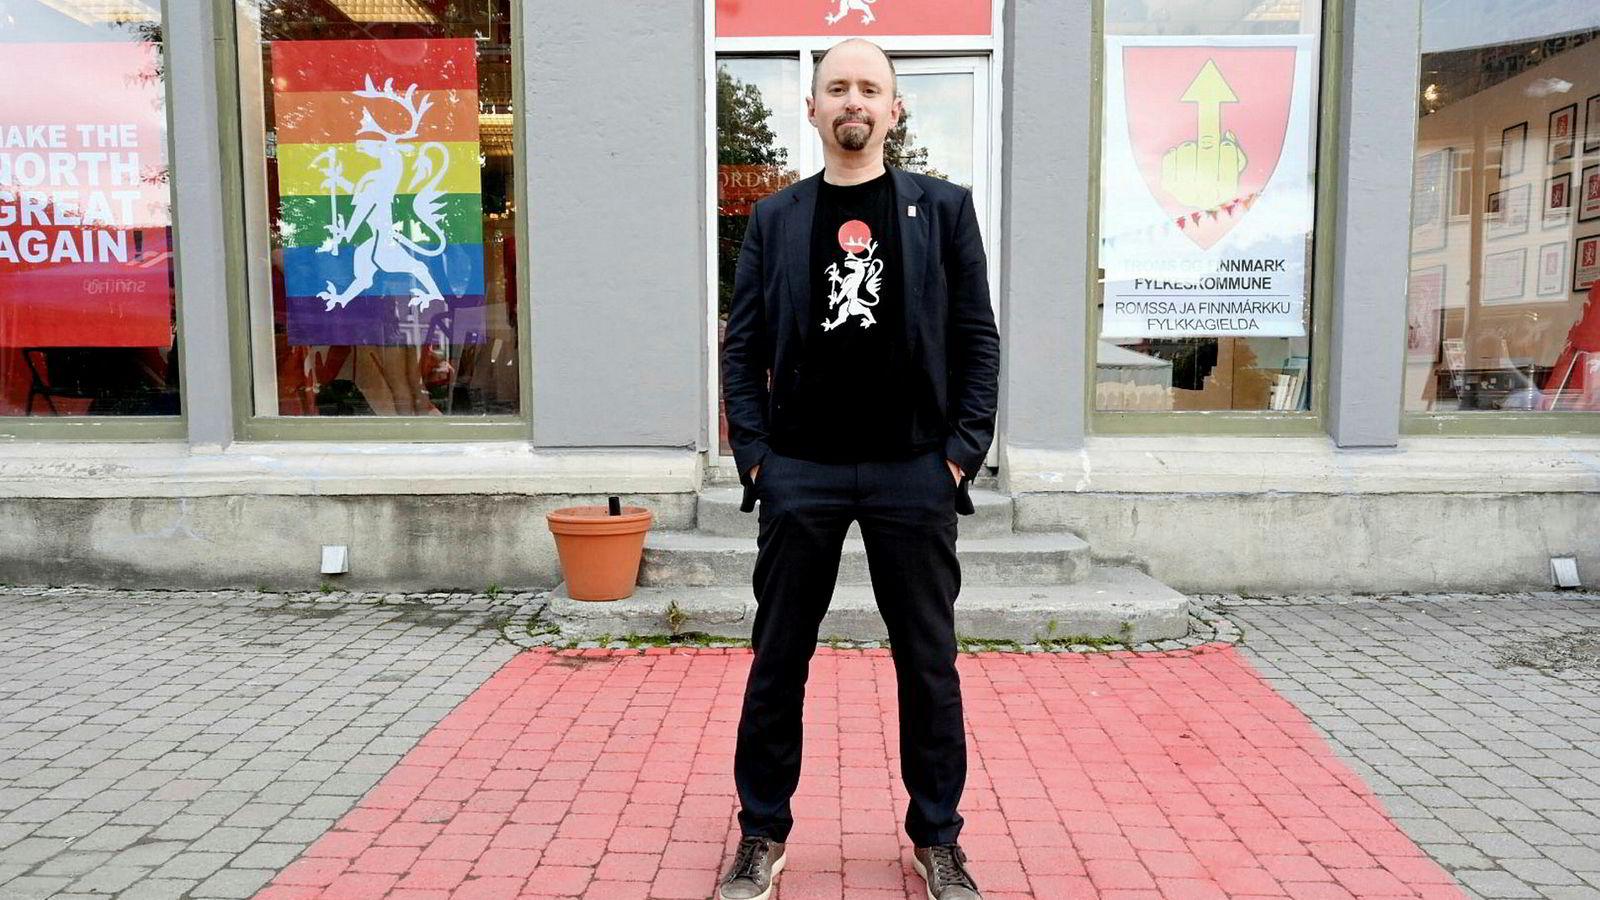 Kunstner Asmund Sveen arrangerer bussturer for å vise hvordan de rikeste bor